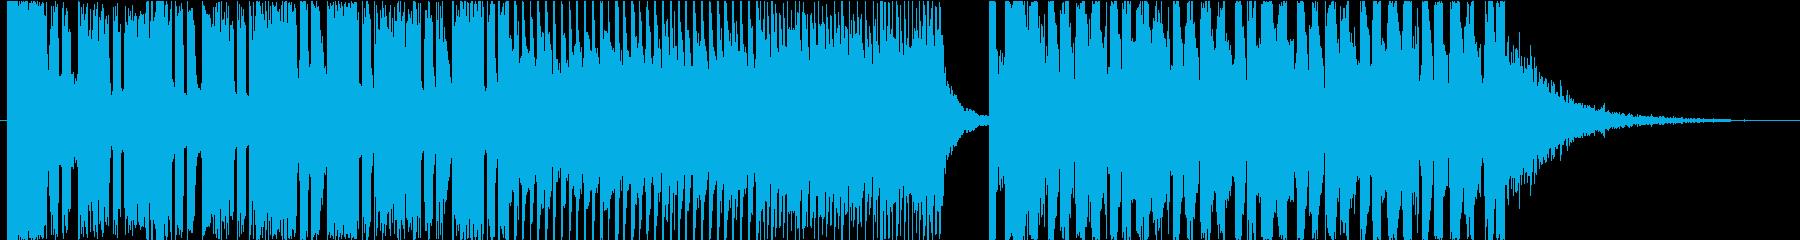 ベタな構成のビッグルームEDMの再生済みの波形